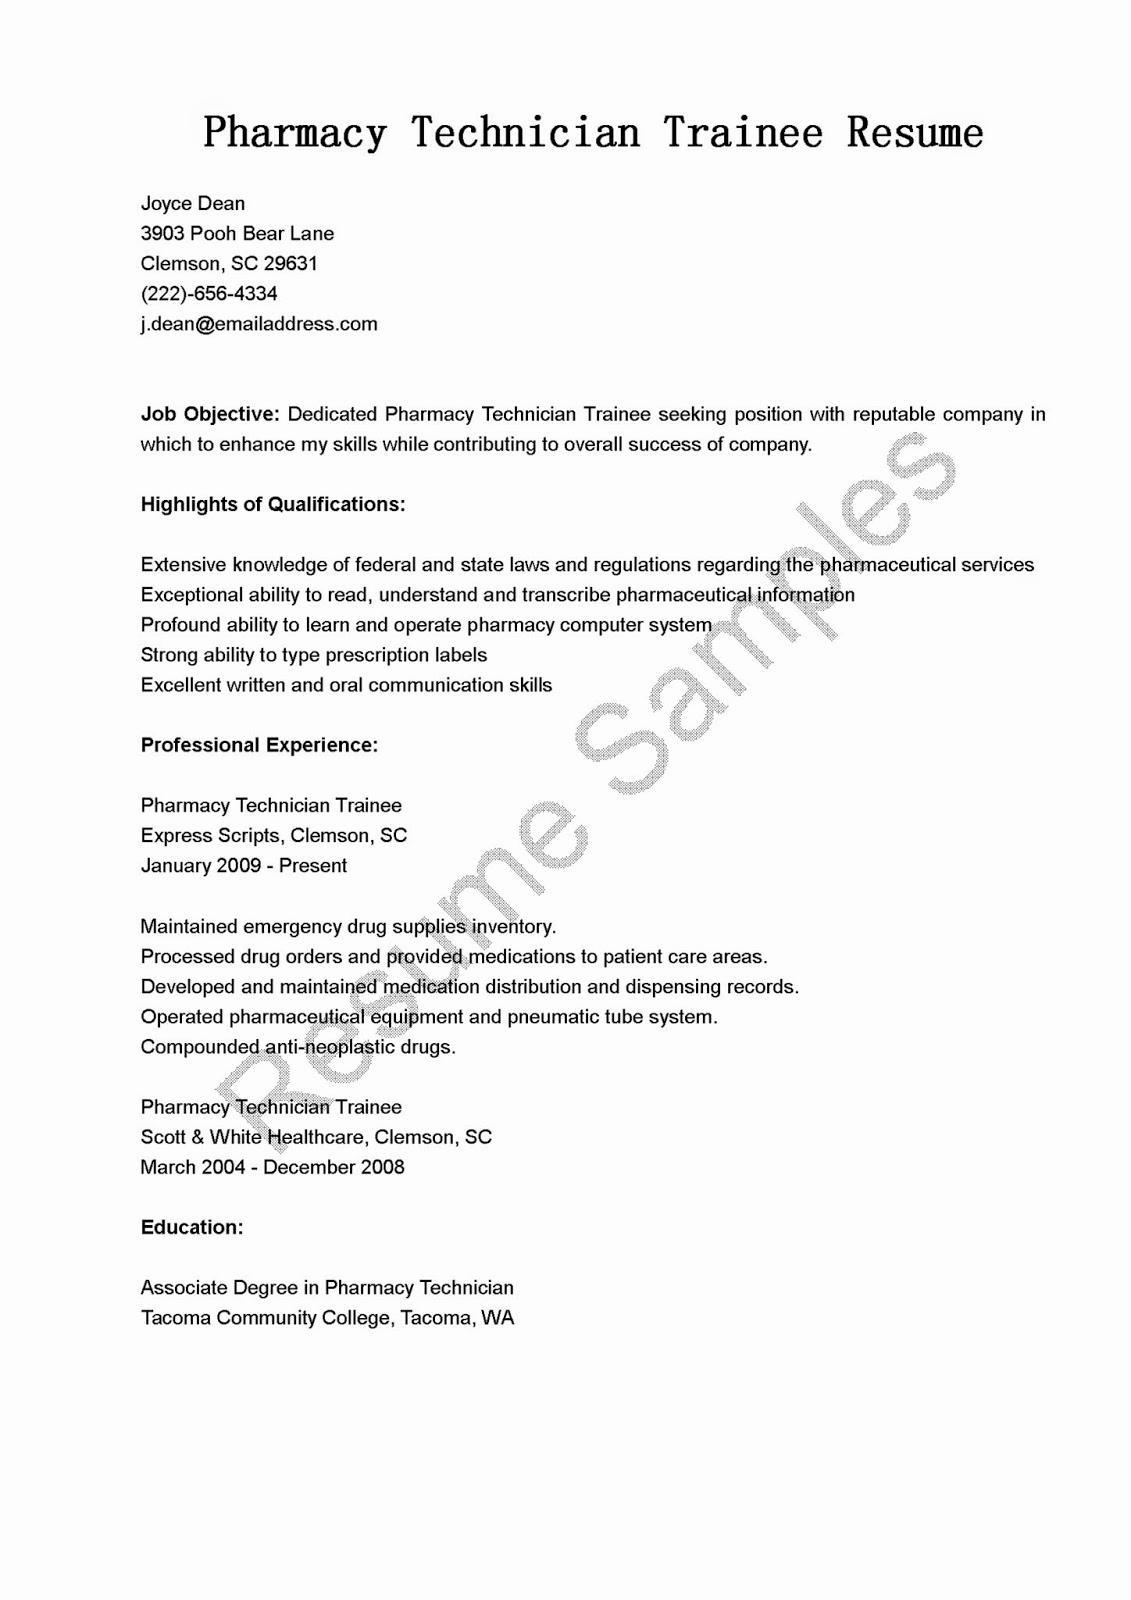 Pharmacy Tech Resume Samples New Resume Samples Pharmacy Technician Trainee Resume Sample